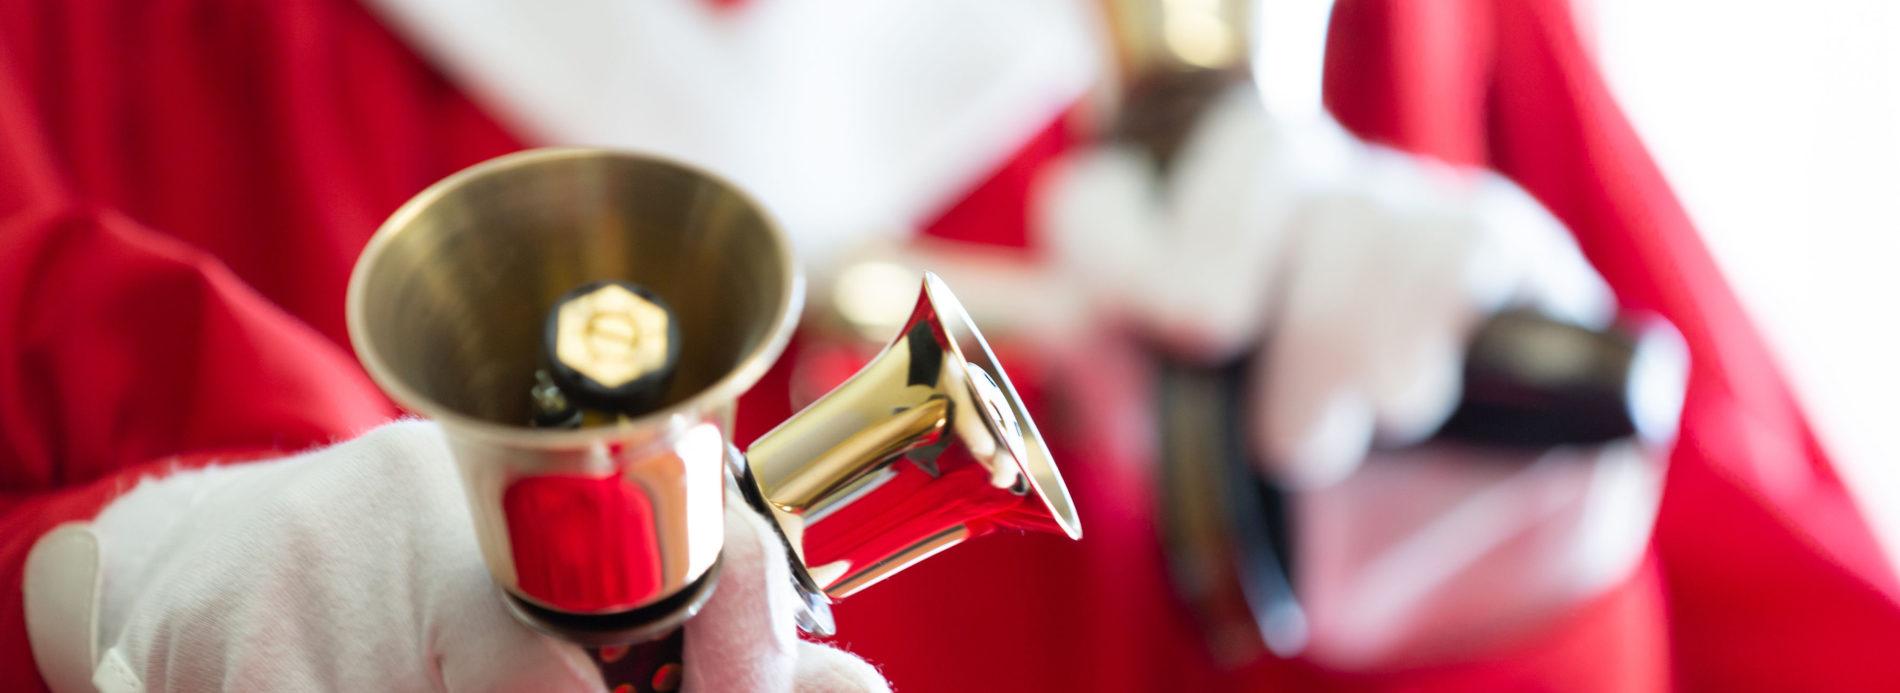 Close up shot of bells.